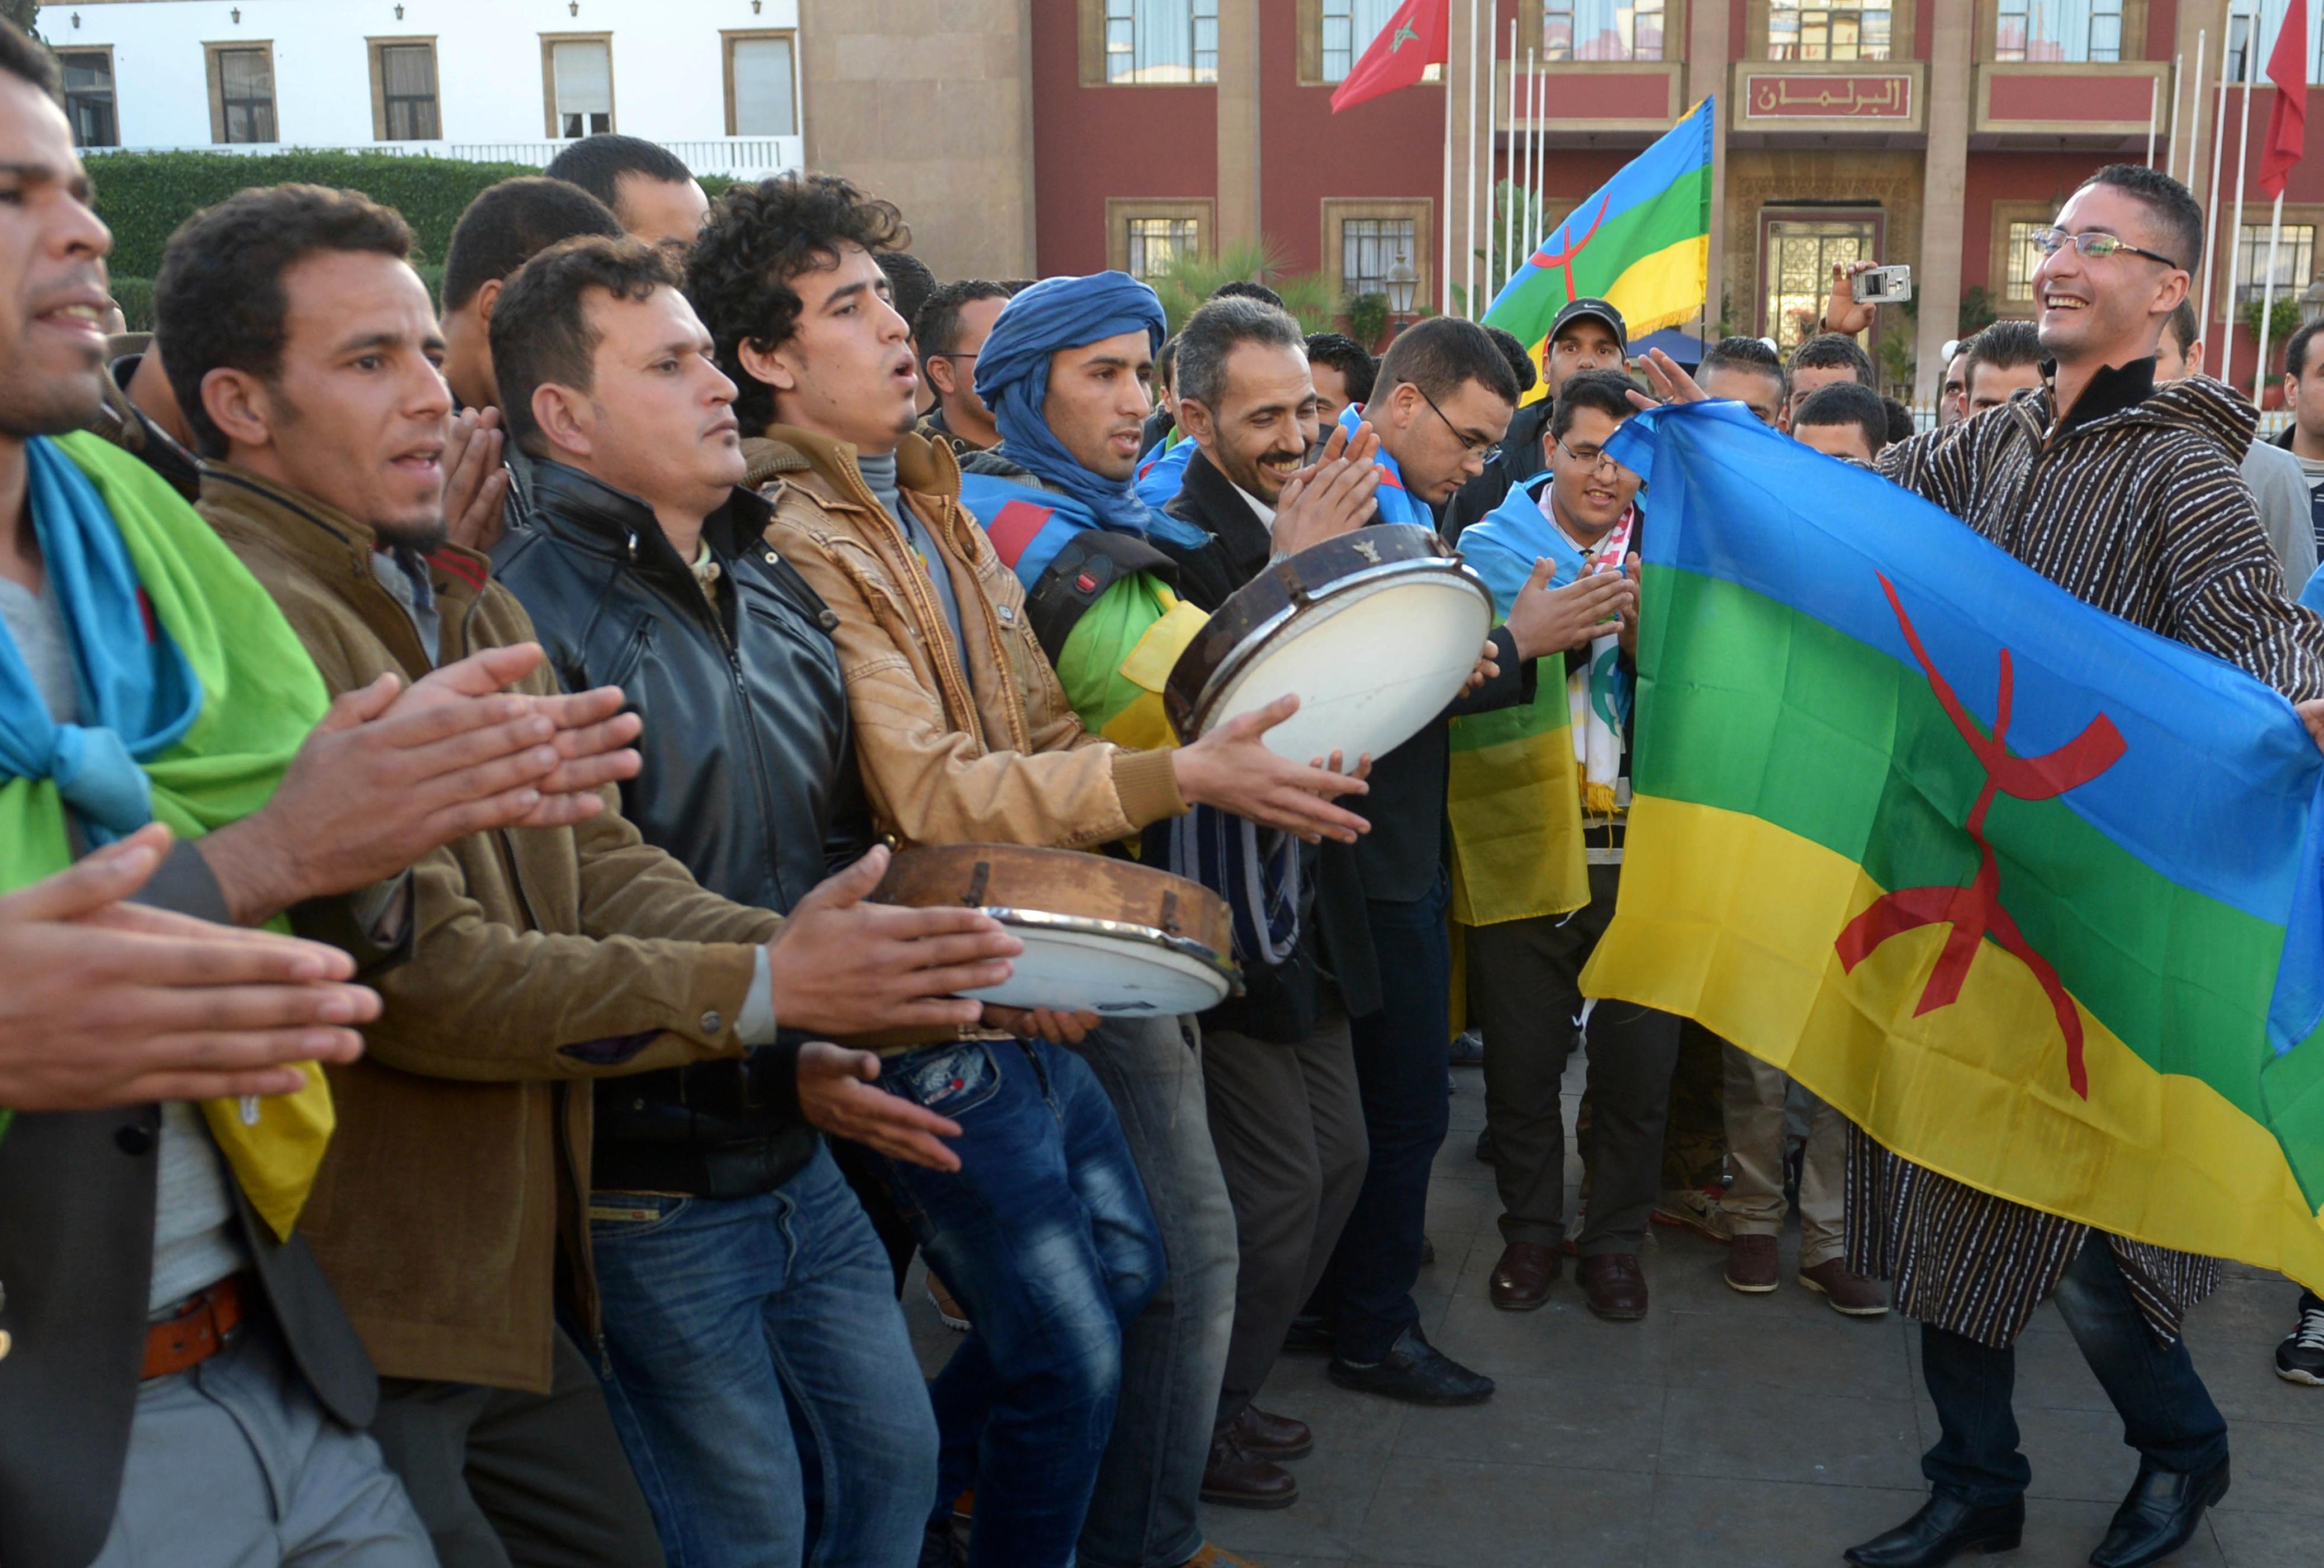 نشطاء يحتفلون برأس السنة الأمازيغية - الرباط 2014